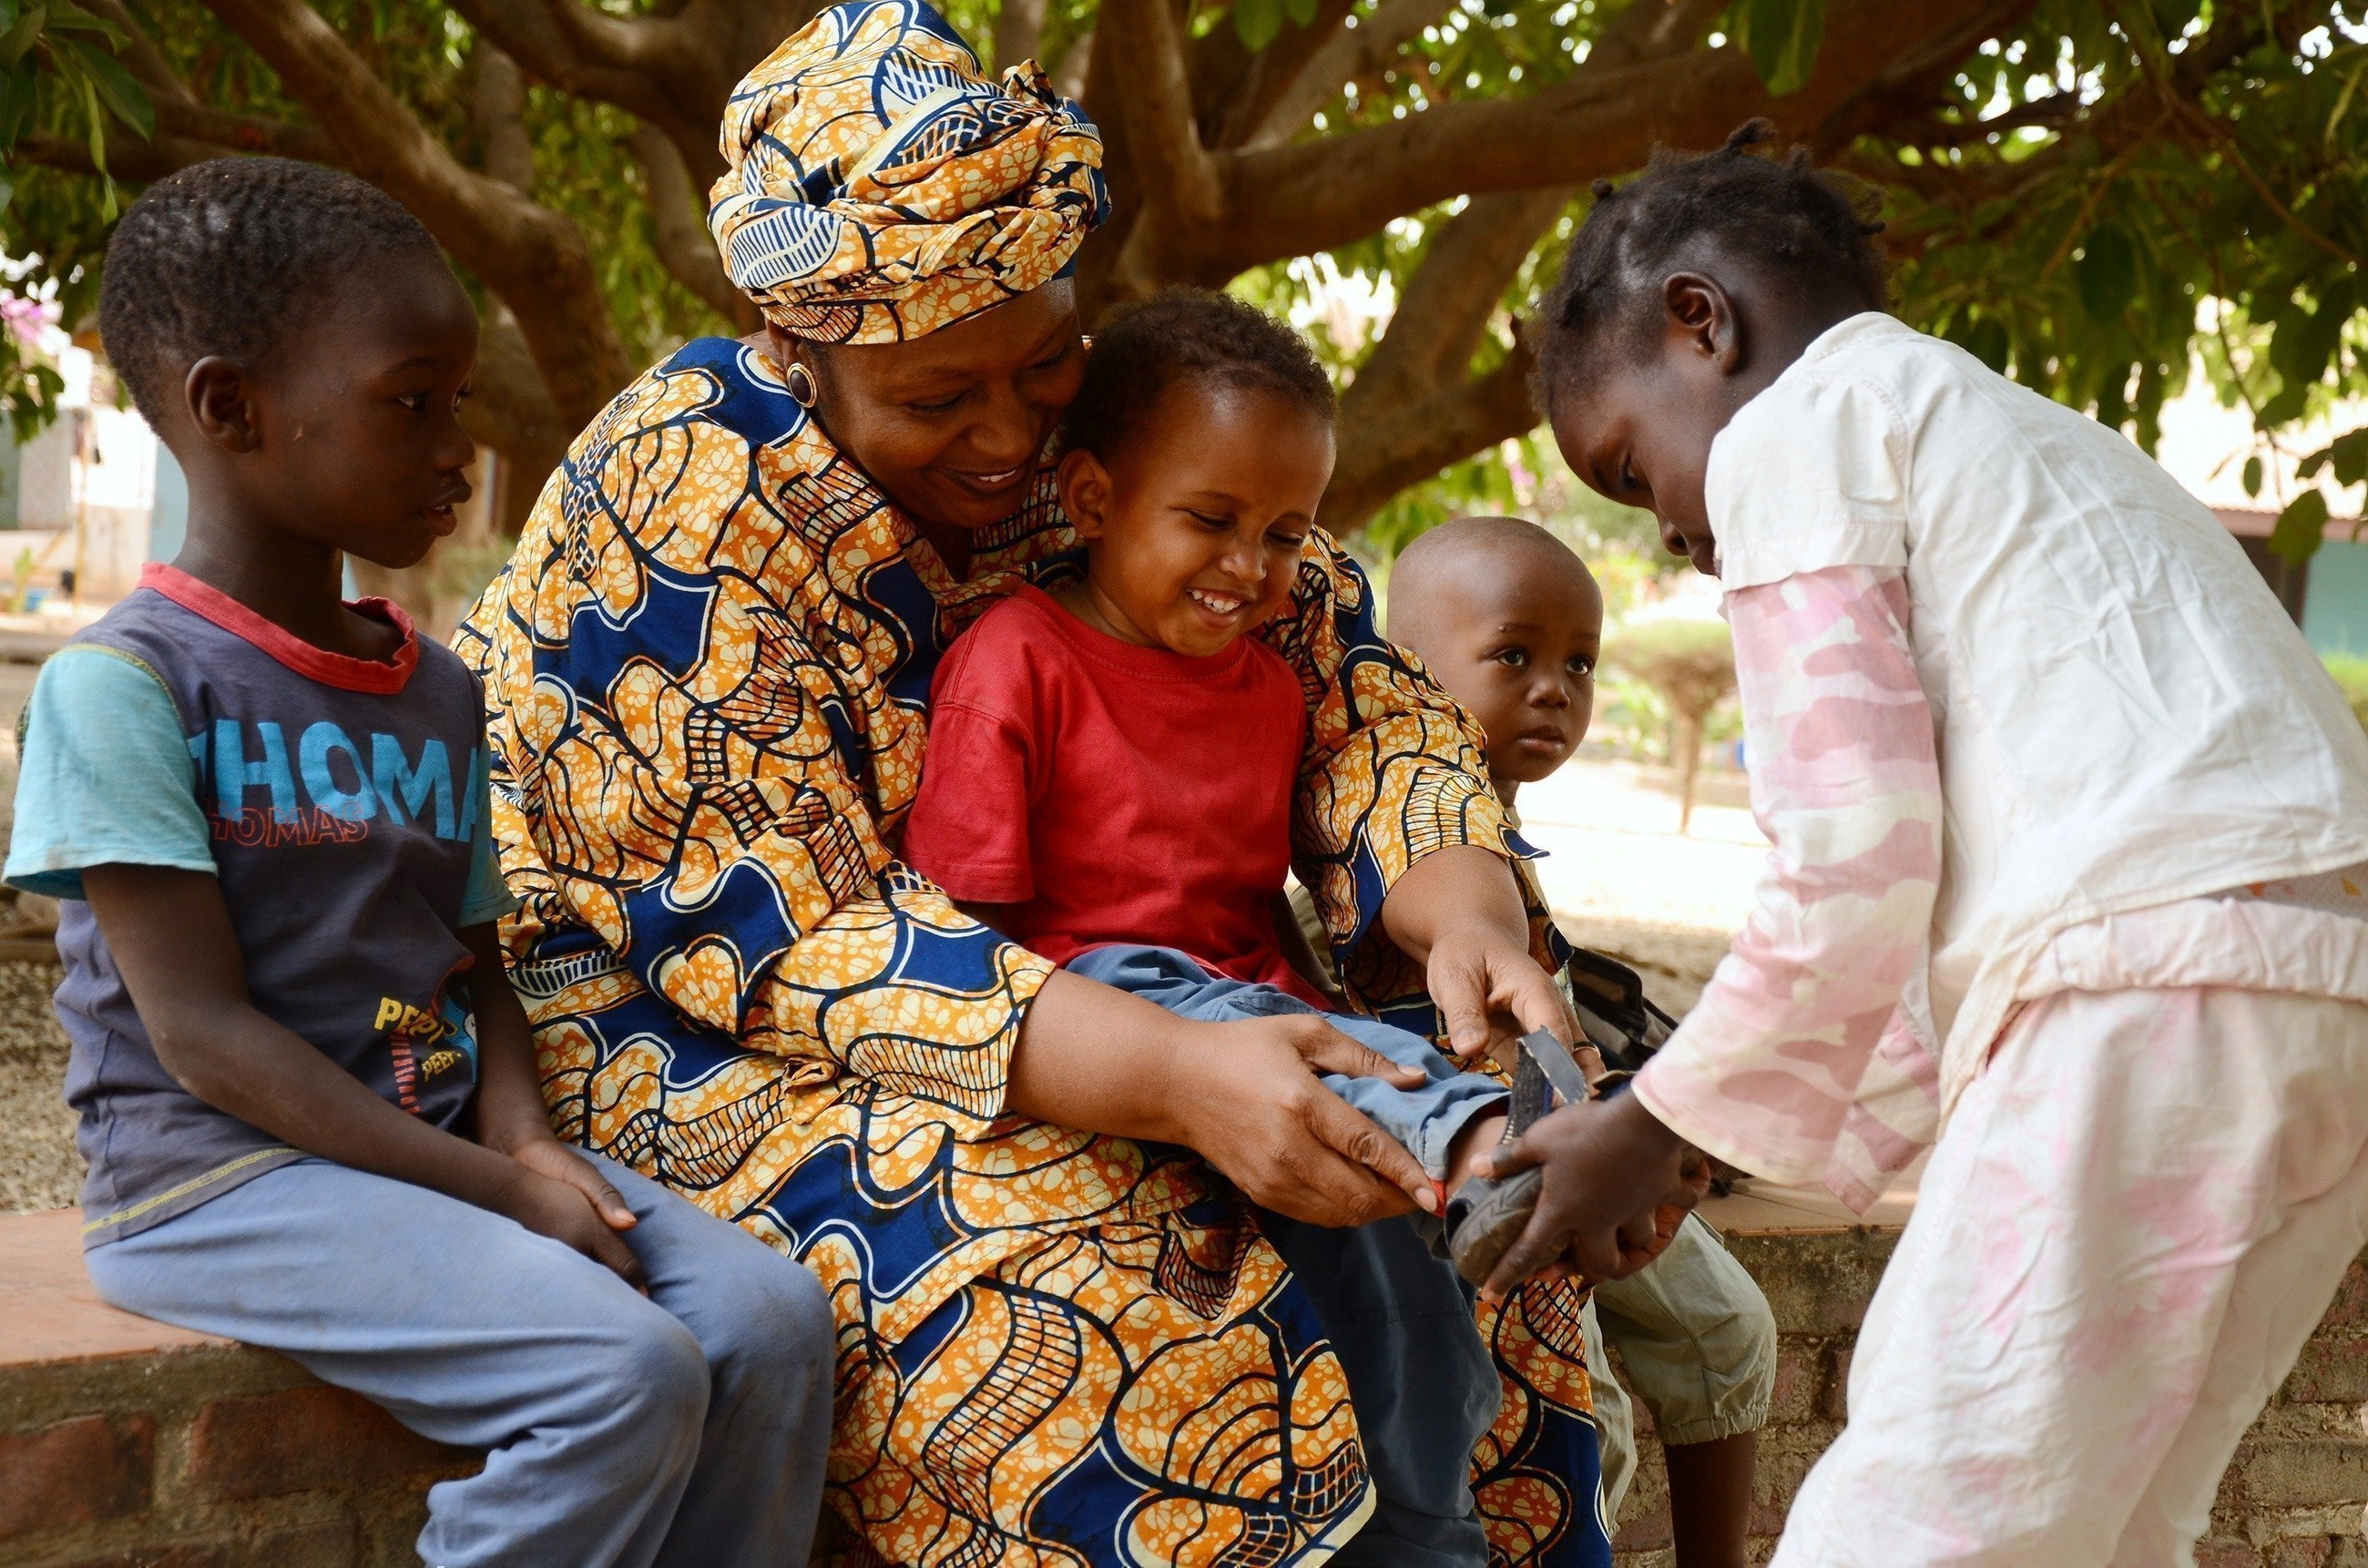 SOS-Kinderdorf Mutter beschäftigt sich mit ihren Kindern.